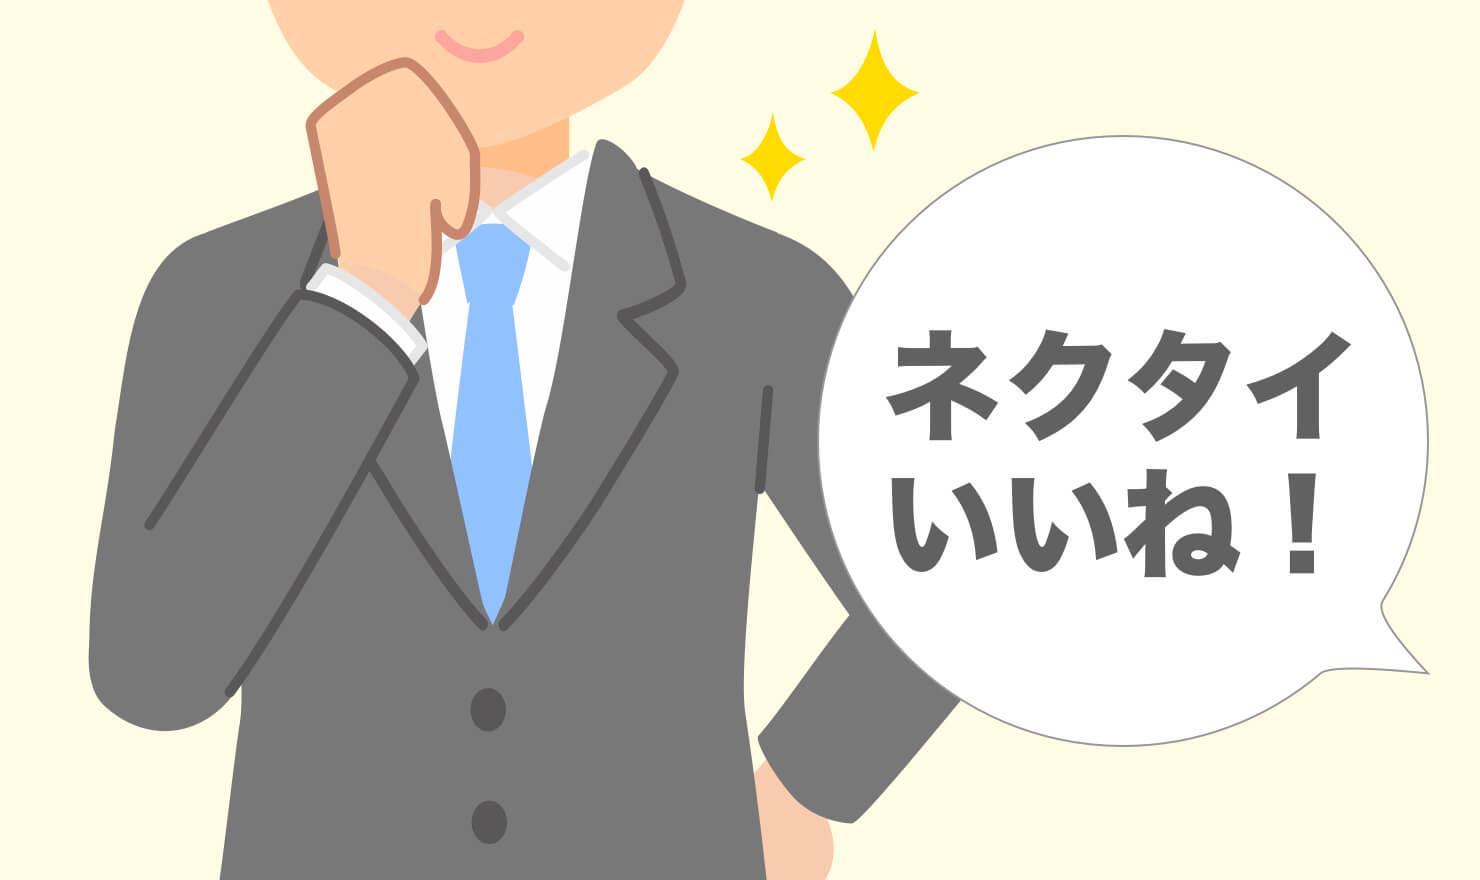 面接用ネクタイどうする?スーツに馴染みがない人のための説明書